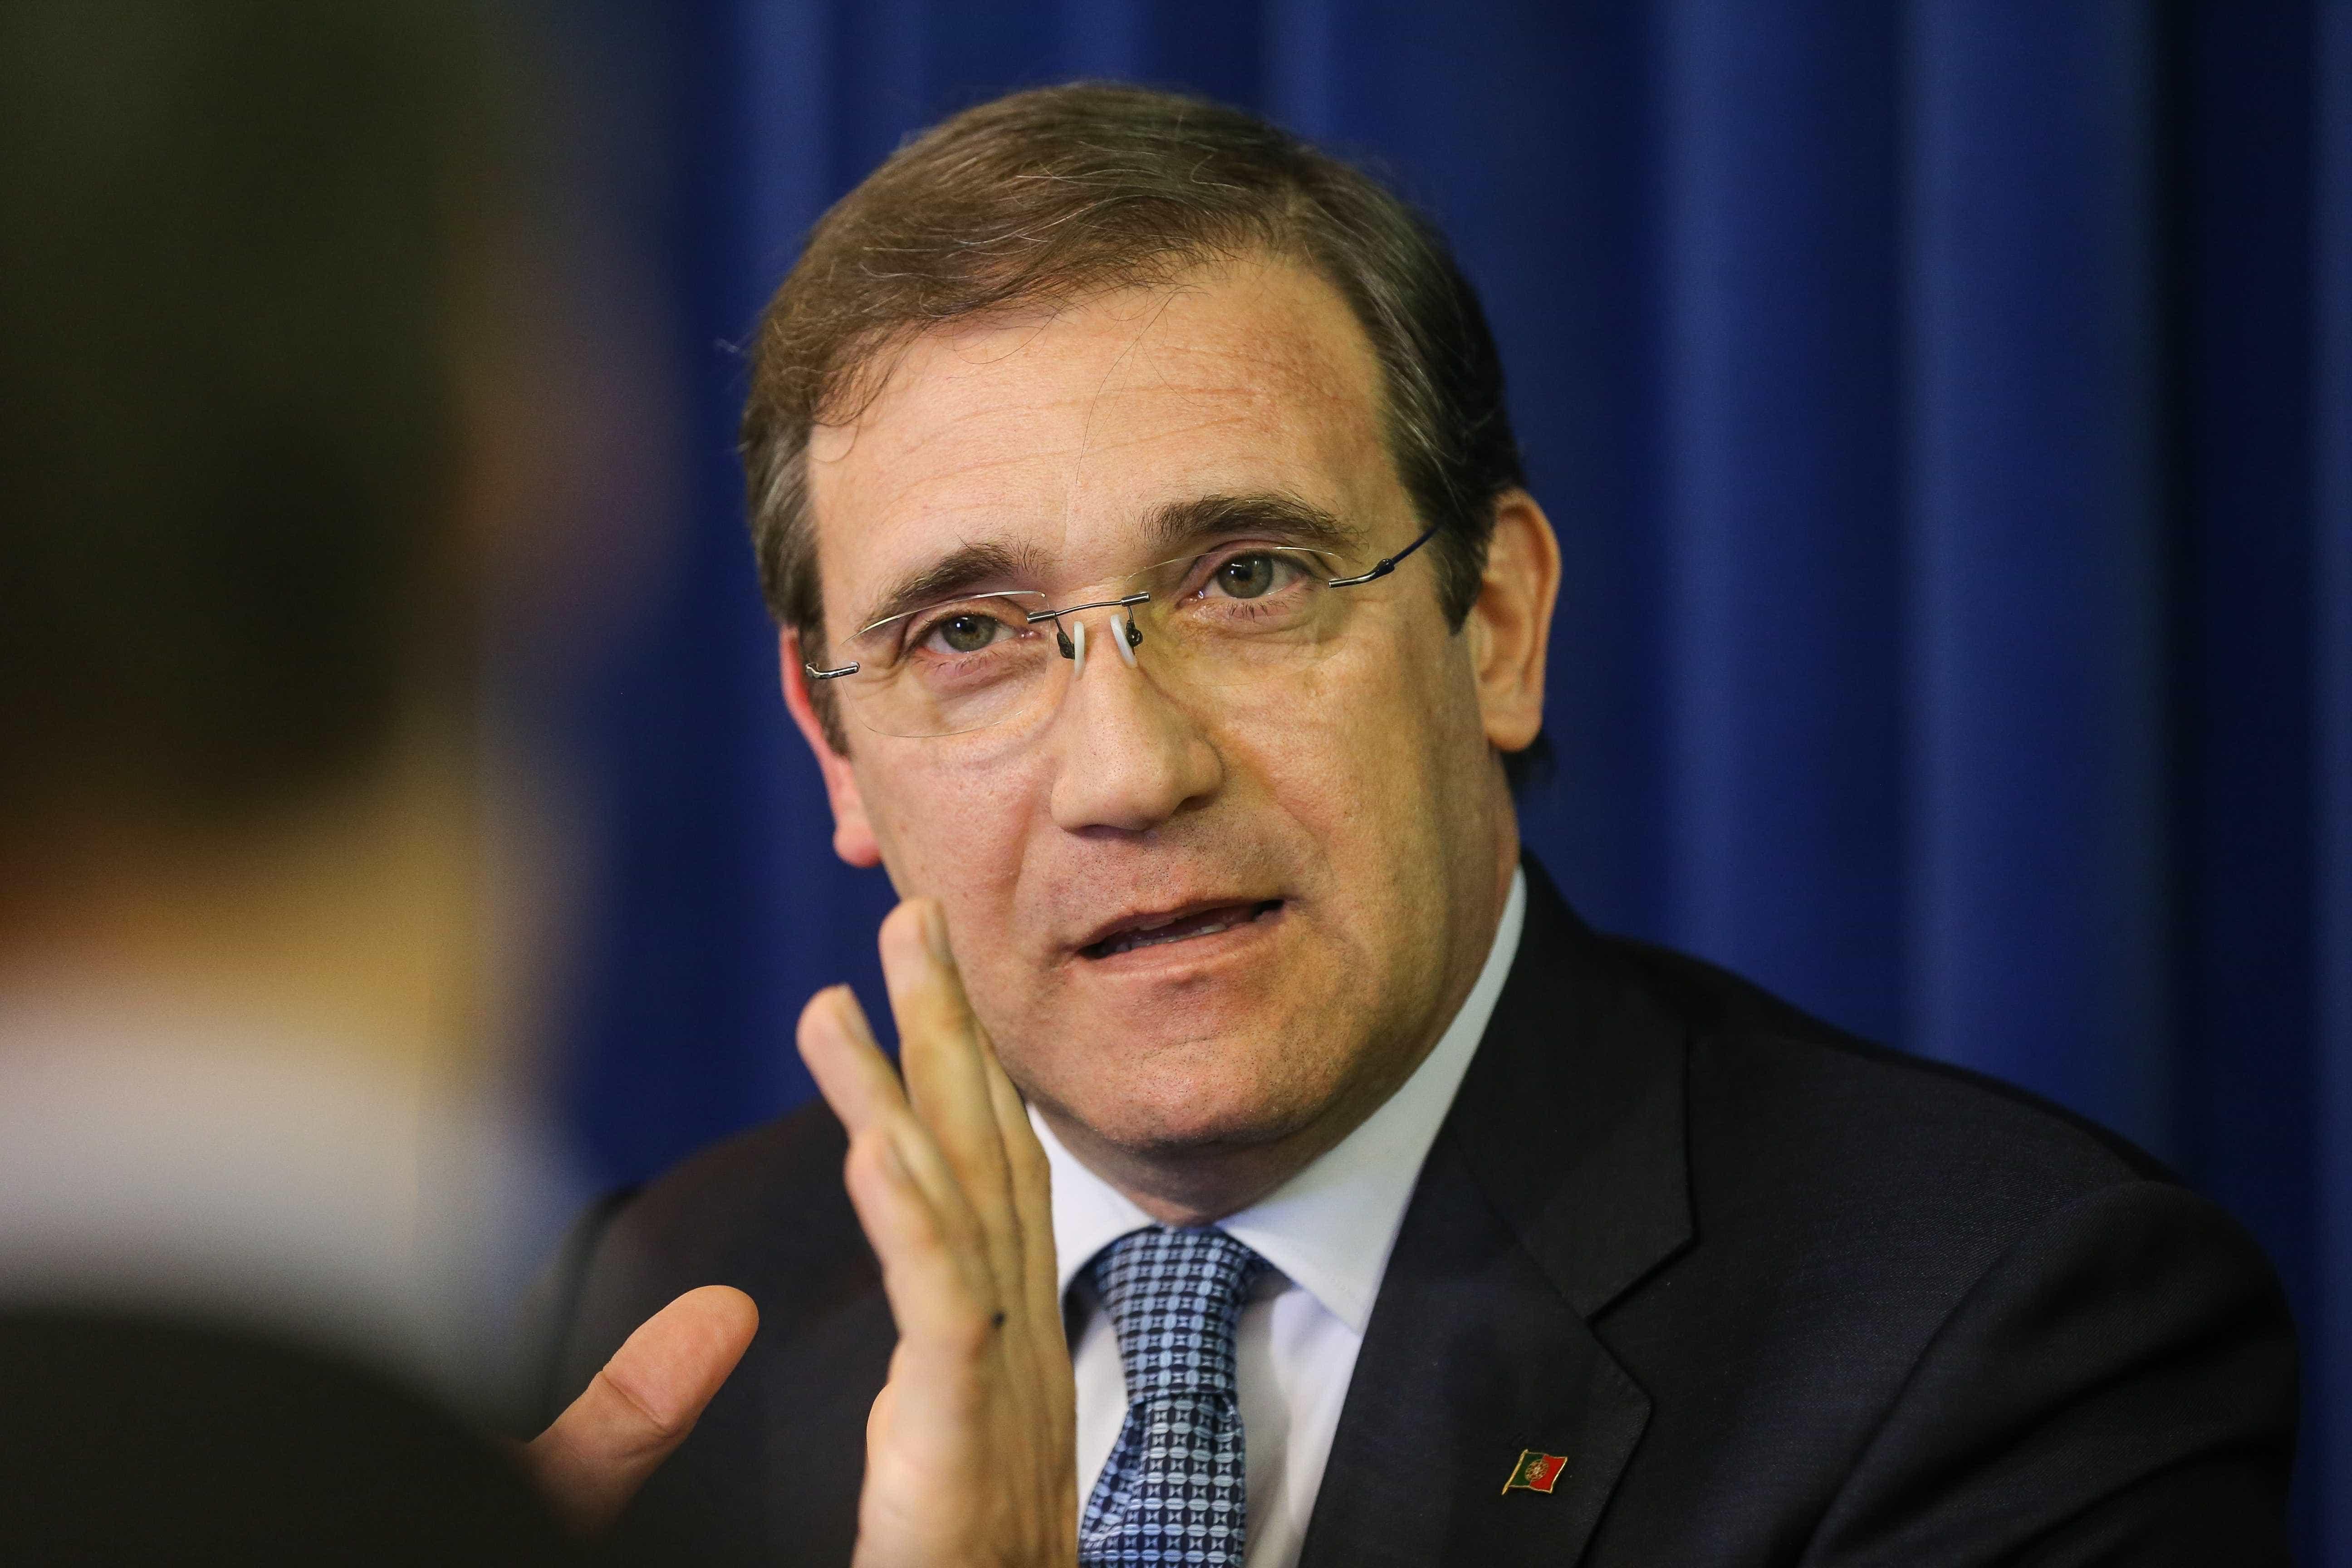 Saída de Henrique Gomes não mudou política do Governo, responde Passos